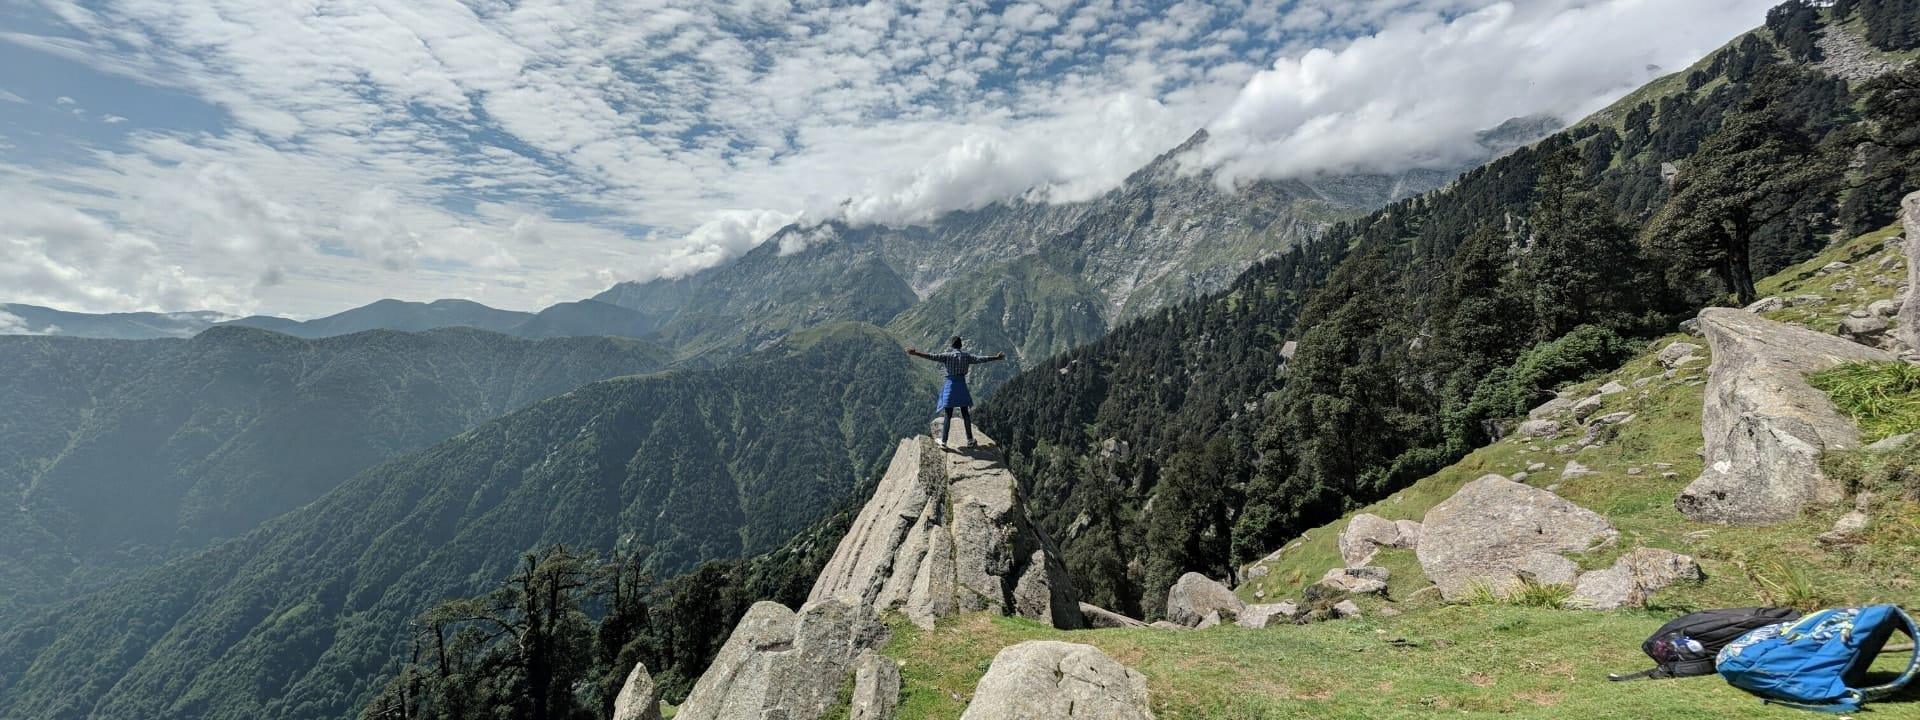 summer treks in india